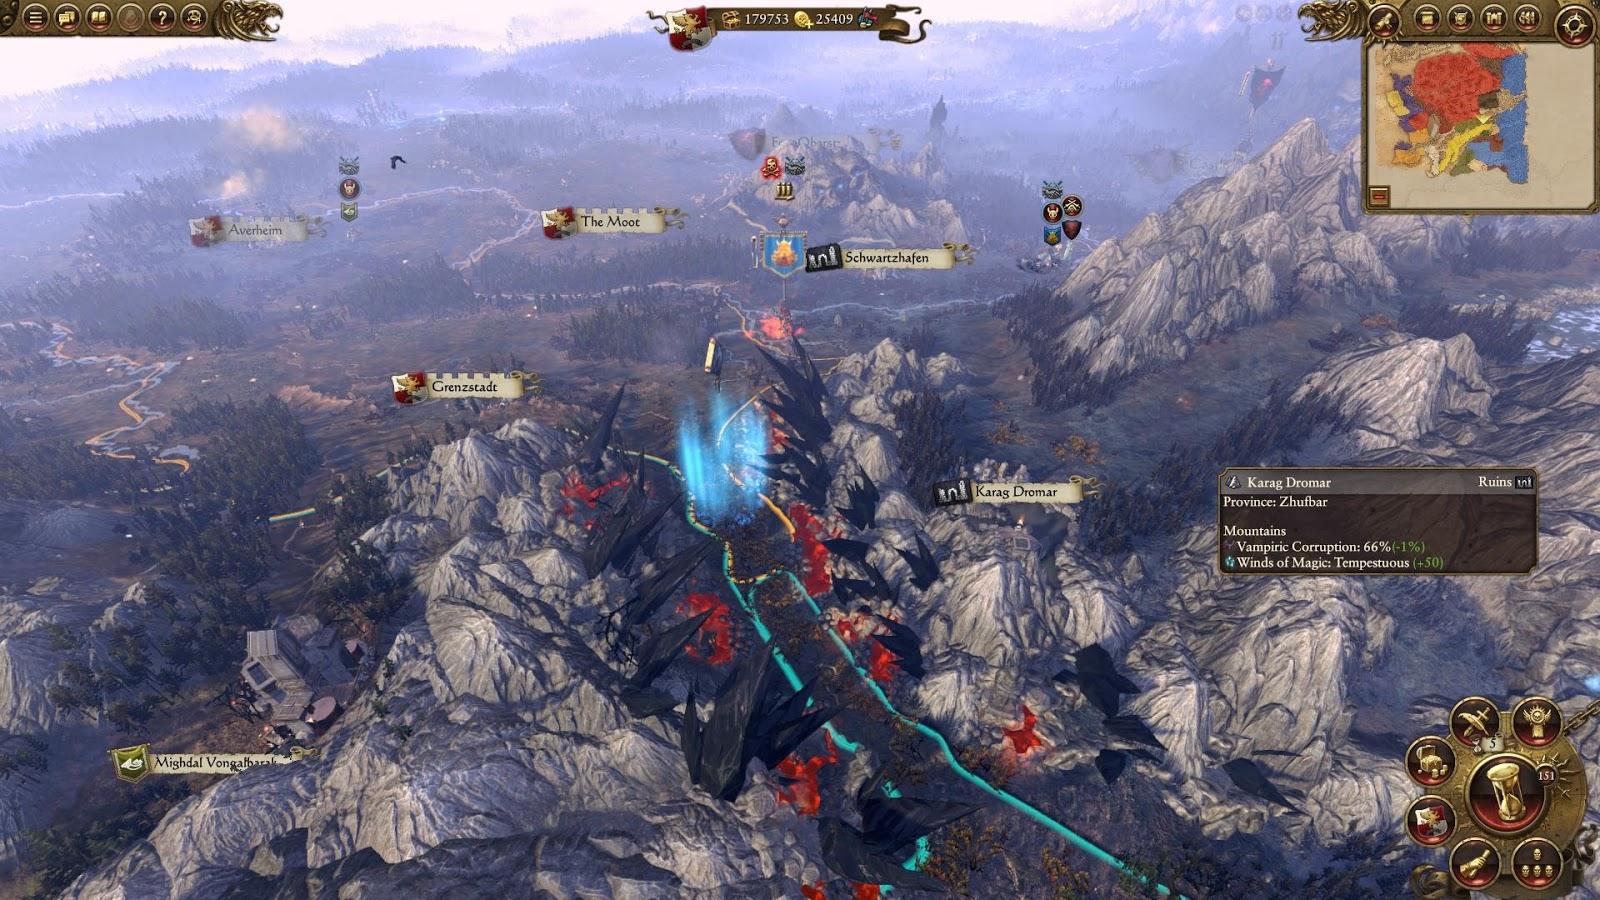 Suburban Killbot: Total War: Warhammer: First Impressions